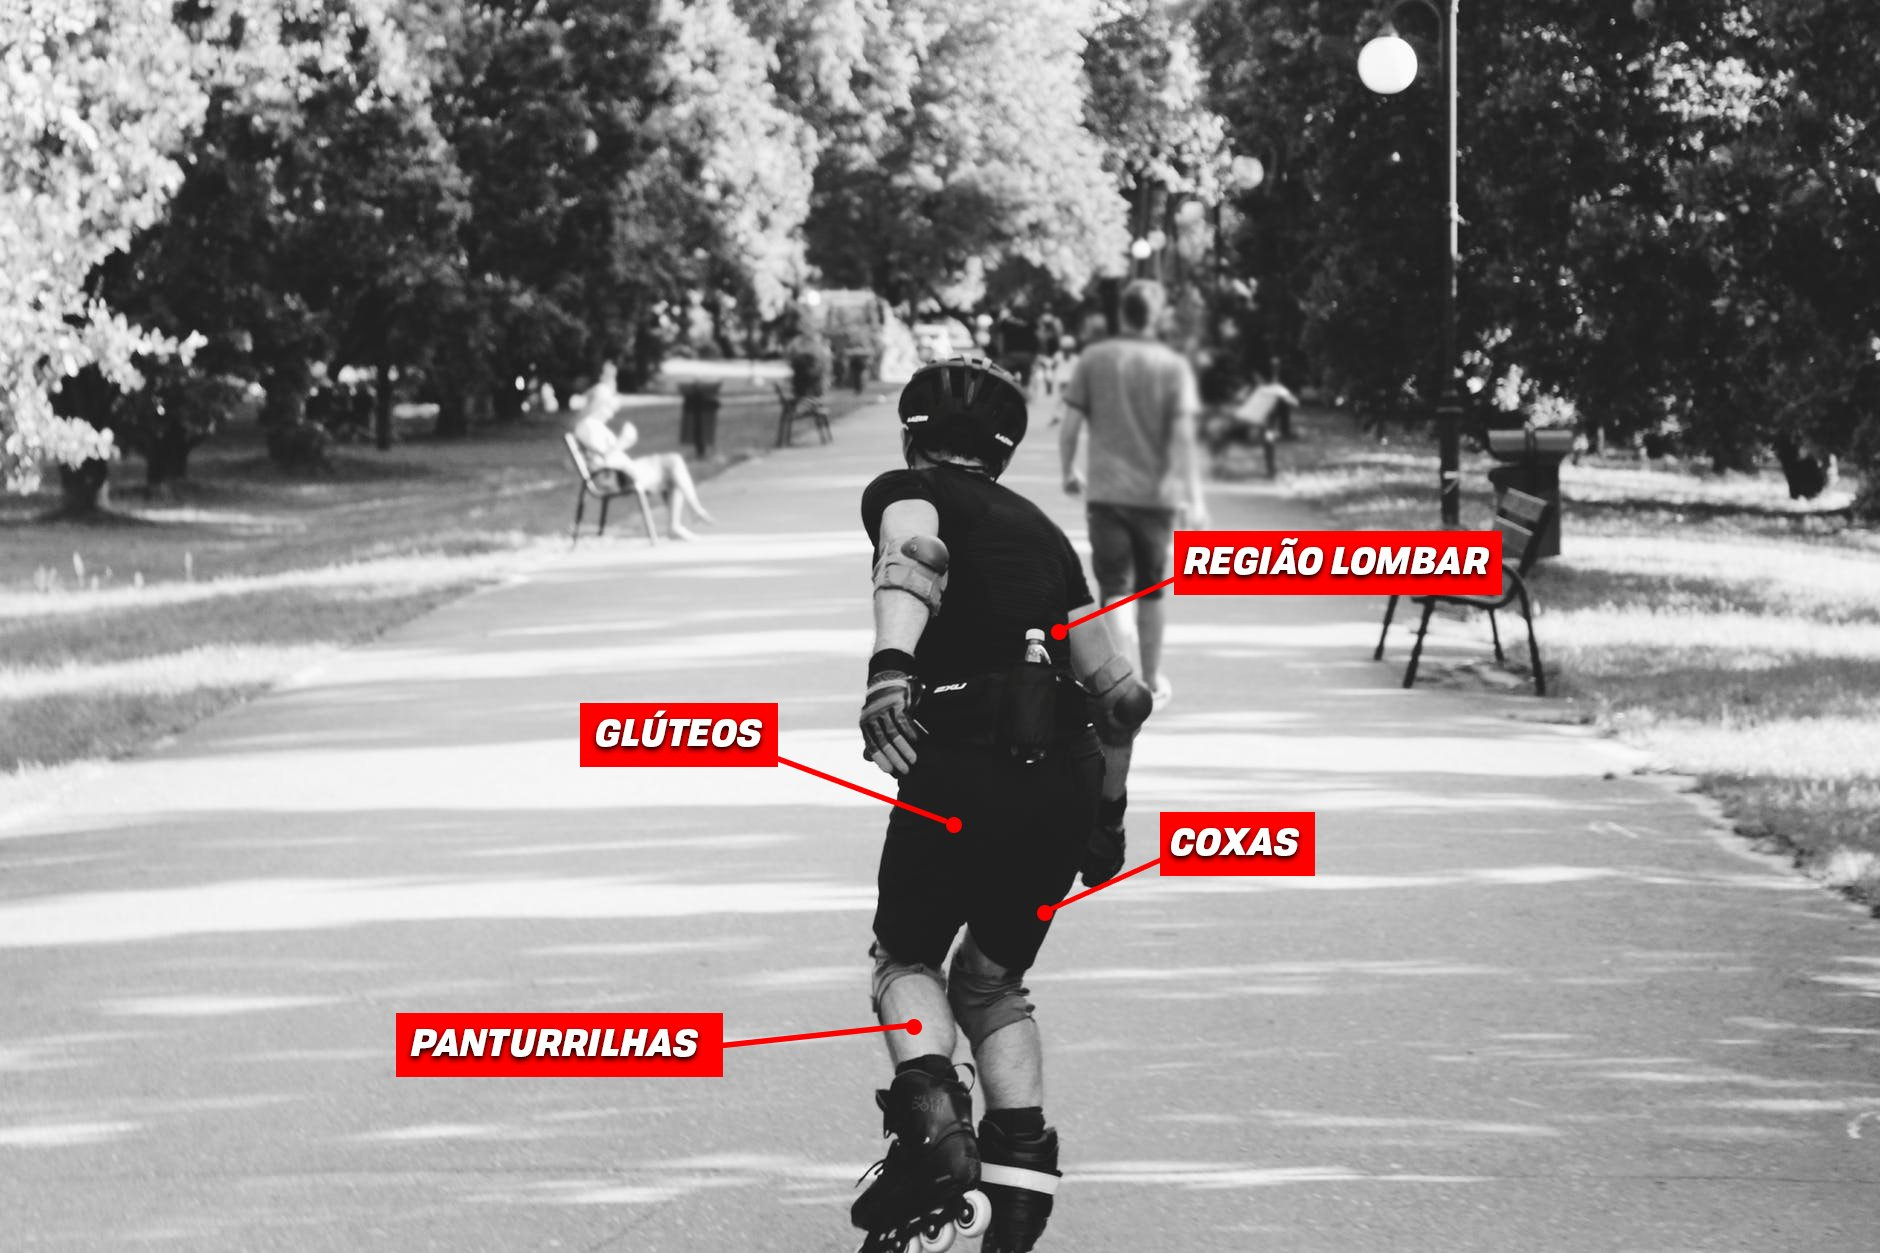 Quando se anda de patins há melhoras na postura e no condicionamento físico. eb851b6052d